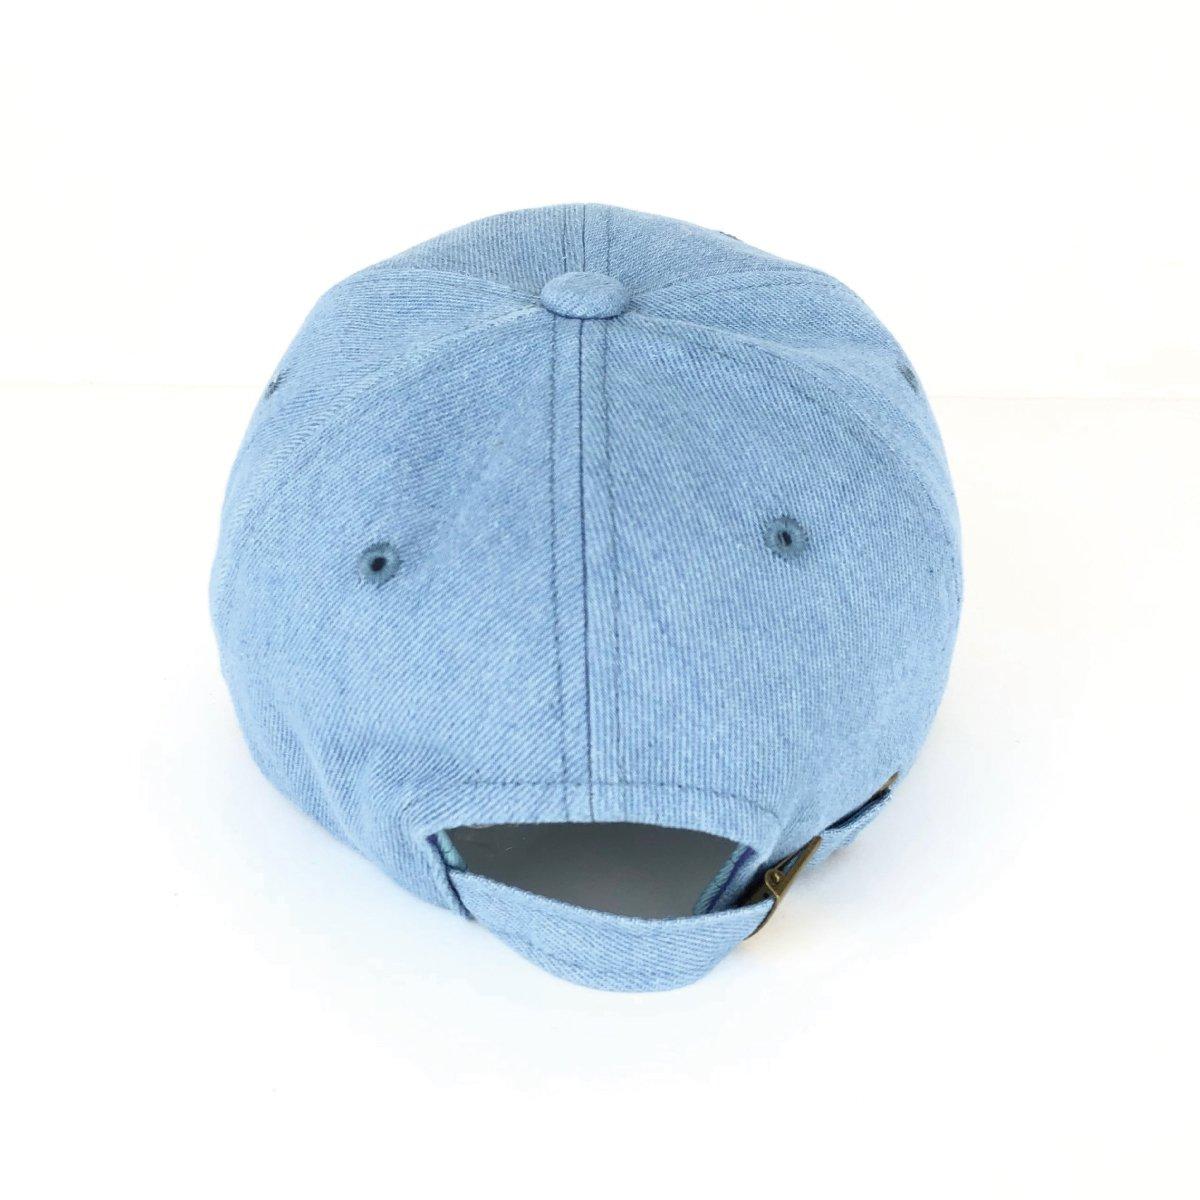 Denim Wappen Cap 詳細画像12